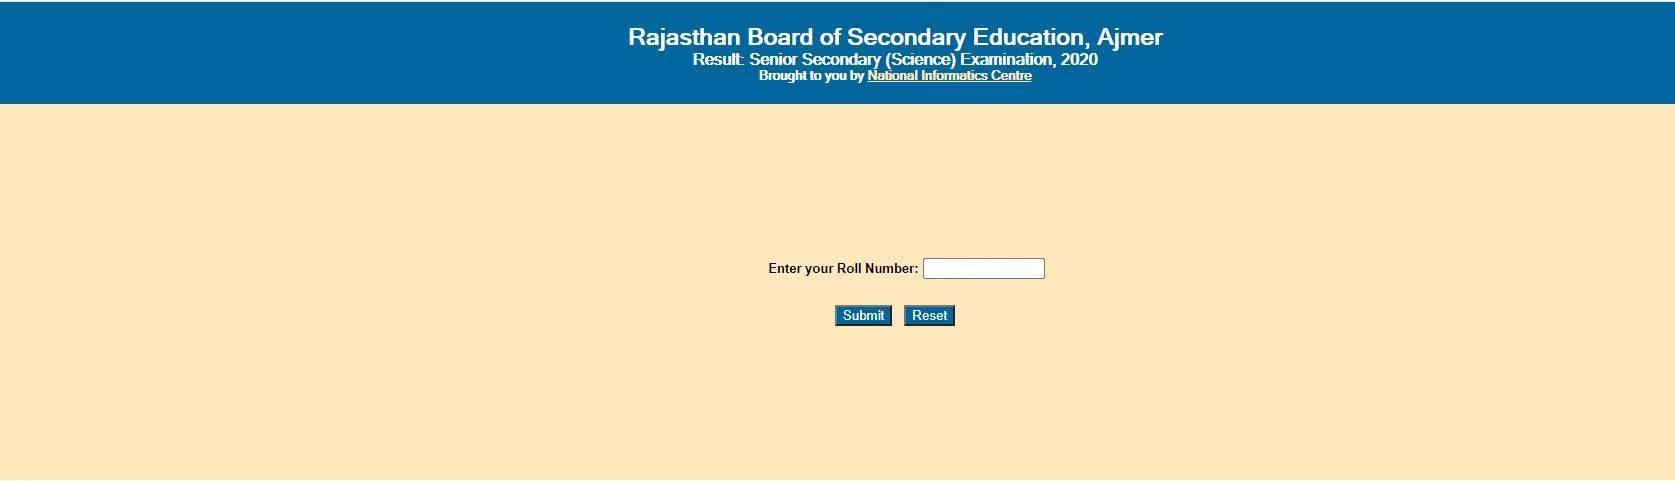 rajasthan-result_070820042056_071320102052.jpg